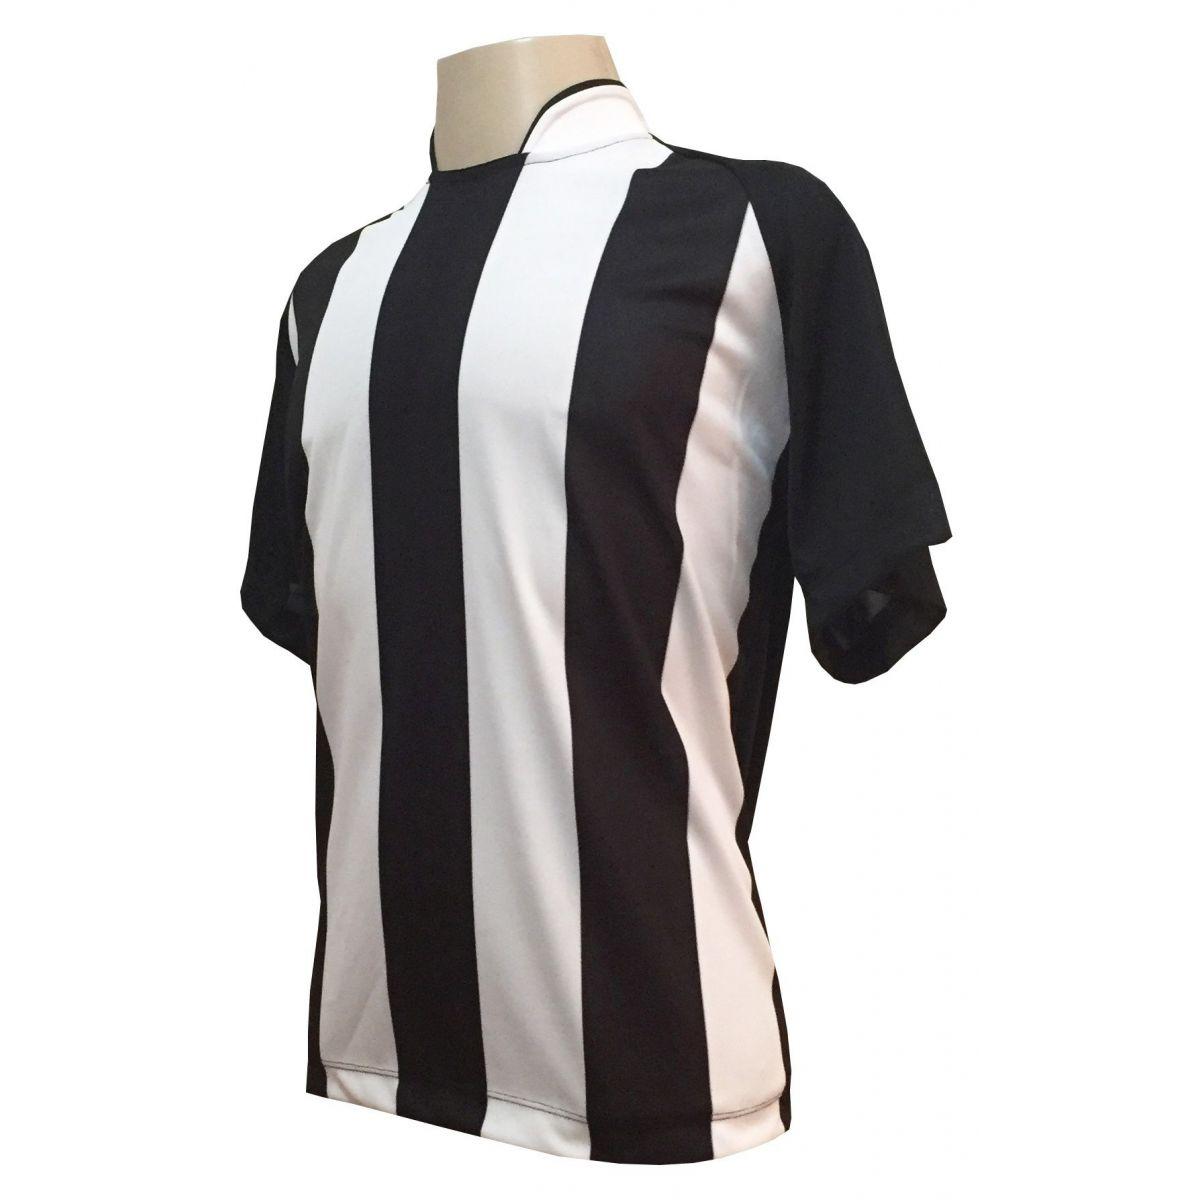 Jogo de Camisa com 18 unidades modelo Milan Preto/Branco  - ESTAÇÃO DO ESPORTE